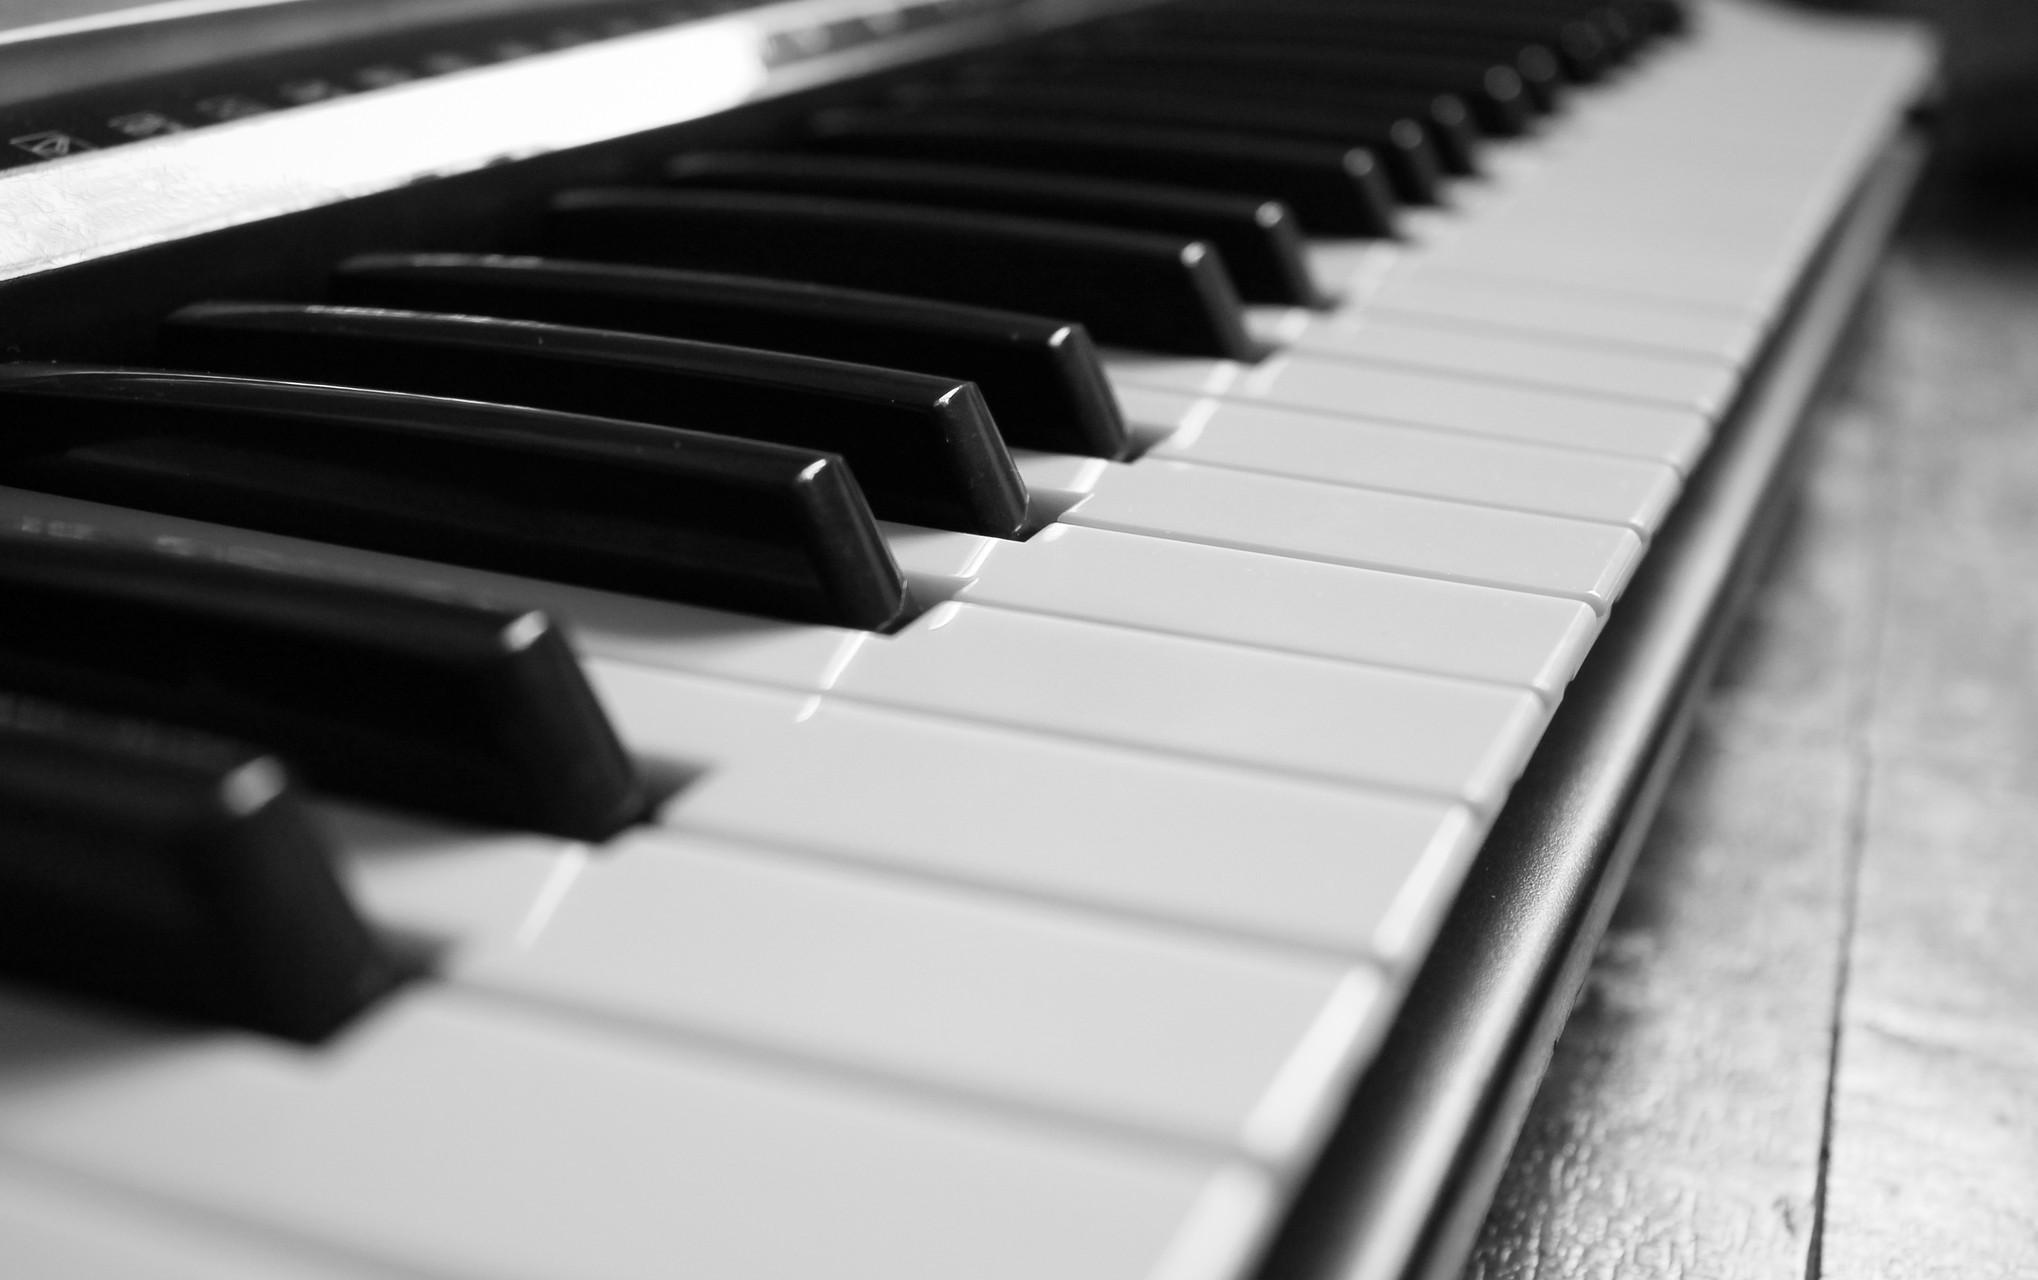 картинки про пианино для рабочего стола они все так